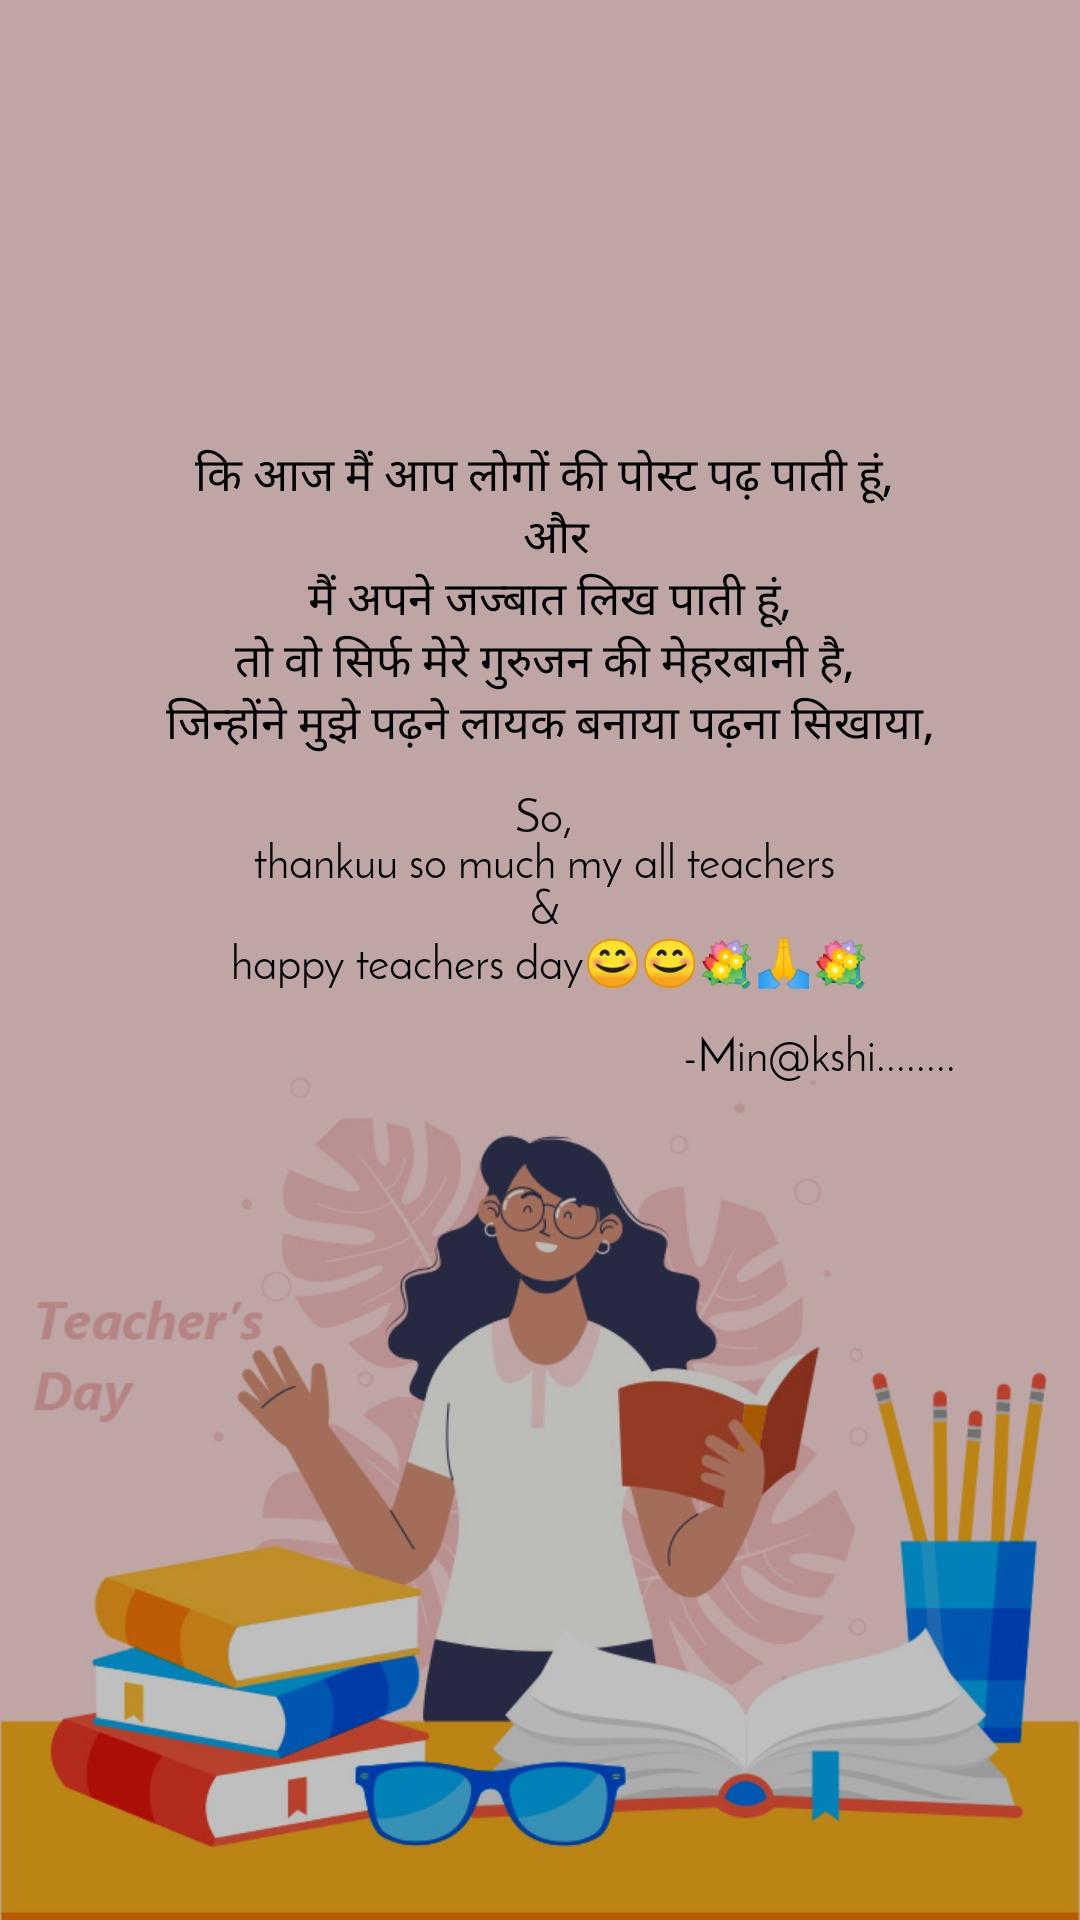 कि आज मैं आप लोगों की पोस्ट पढ़ पाती हूं,   और  मैं अपने जज्बात लिख पाती हूं,  तो वो सिर्फ मेरे गुरुजन की मेहरबानी है,   जिन्होंने मुझे पढ़ने लायक बनाया पढ़ना सिखाया,   So,  thankuu so much my all teachers  &  happy teachers day😊😊💐🙏💐                                                   -Min@kshi........